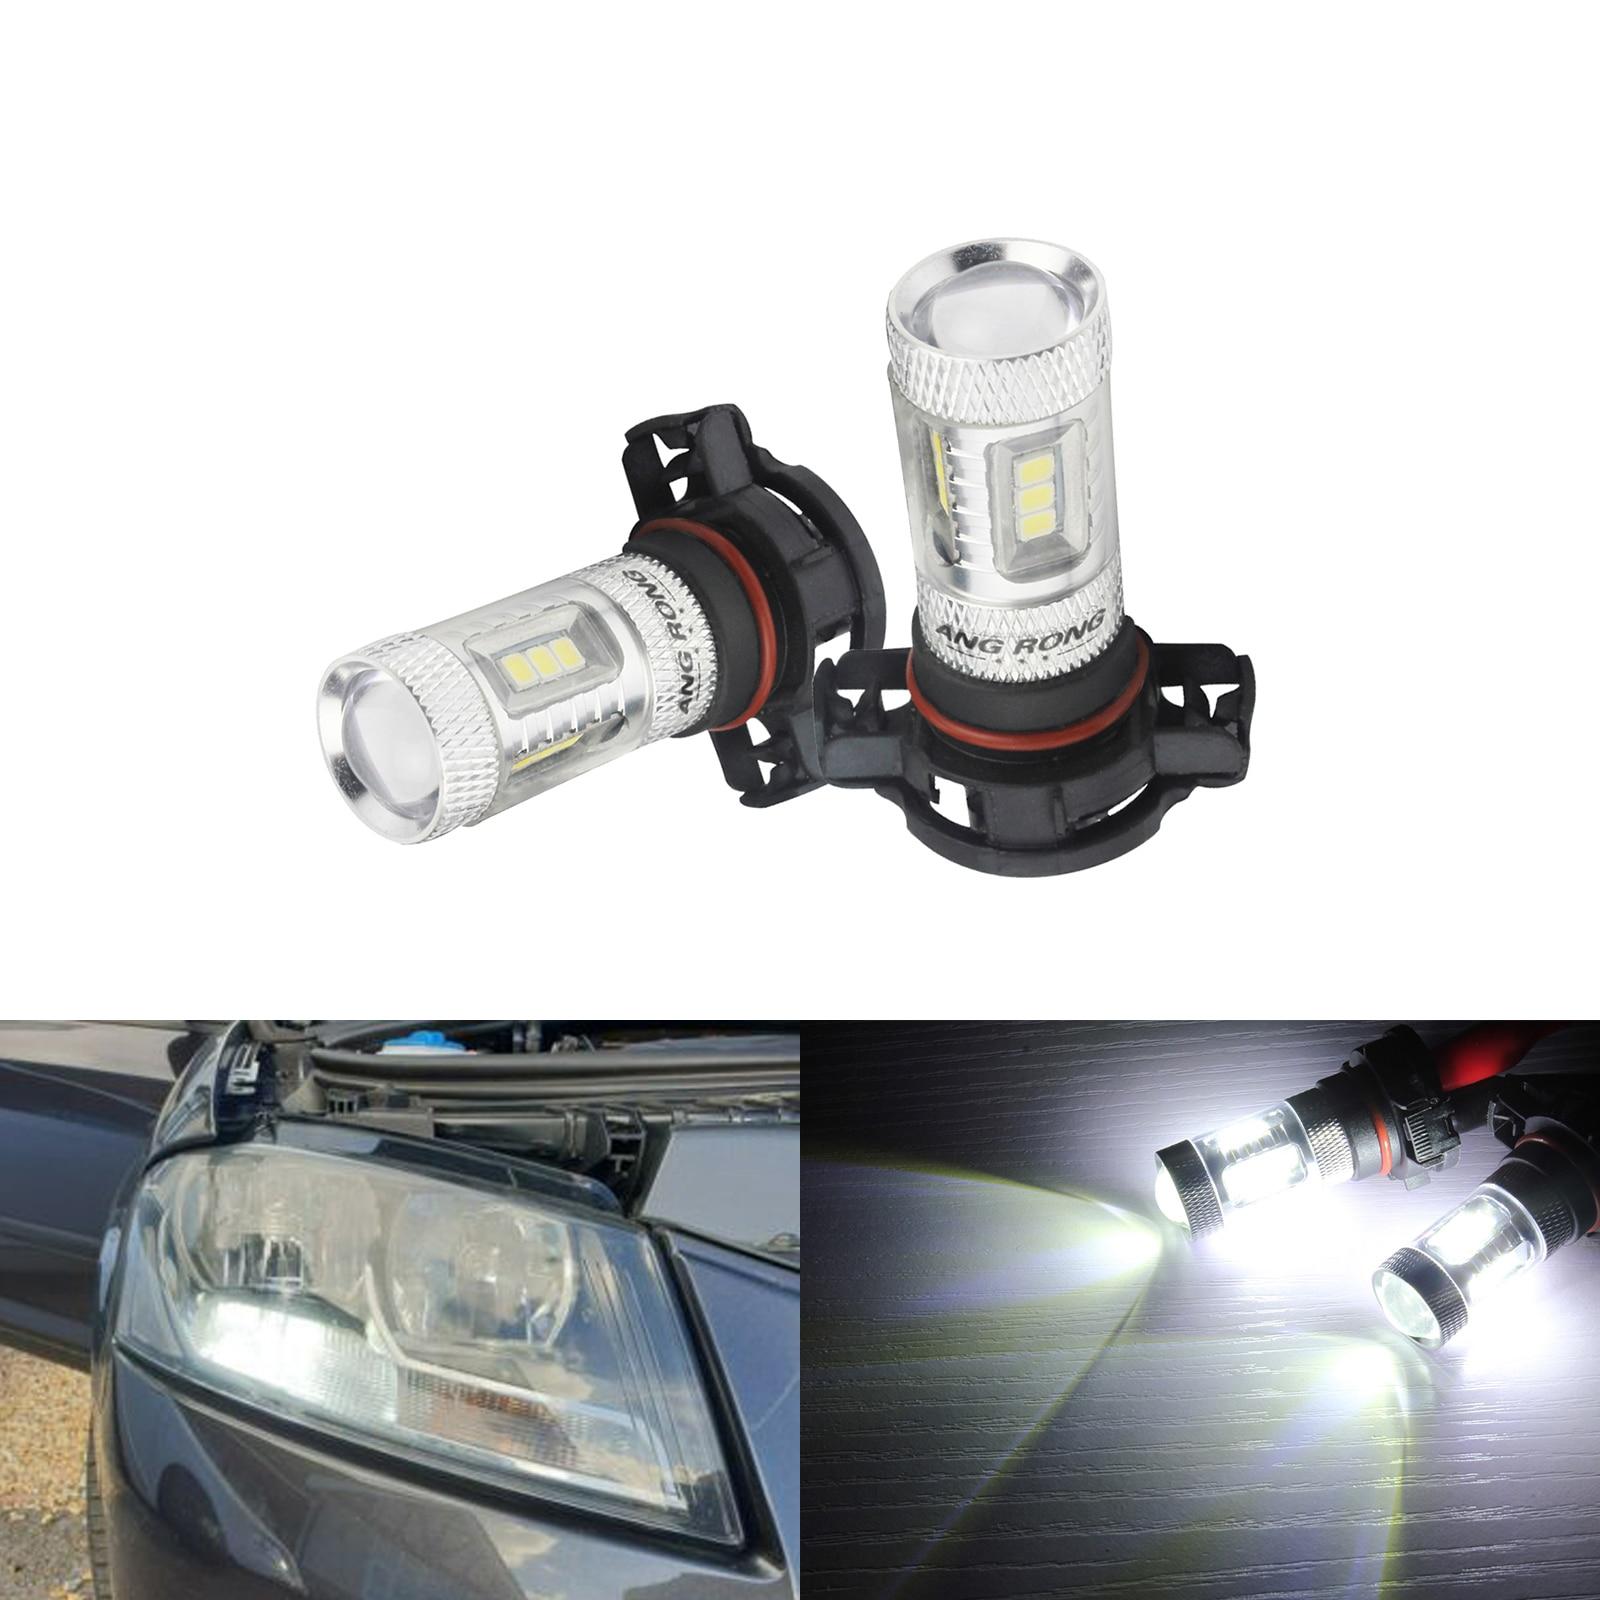 2 x High Power White LED Fog Light Bulbs DRL lamp 5202 5201 H16 PSX24W